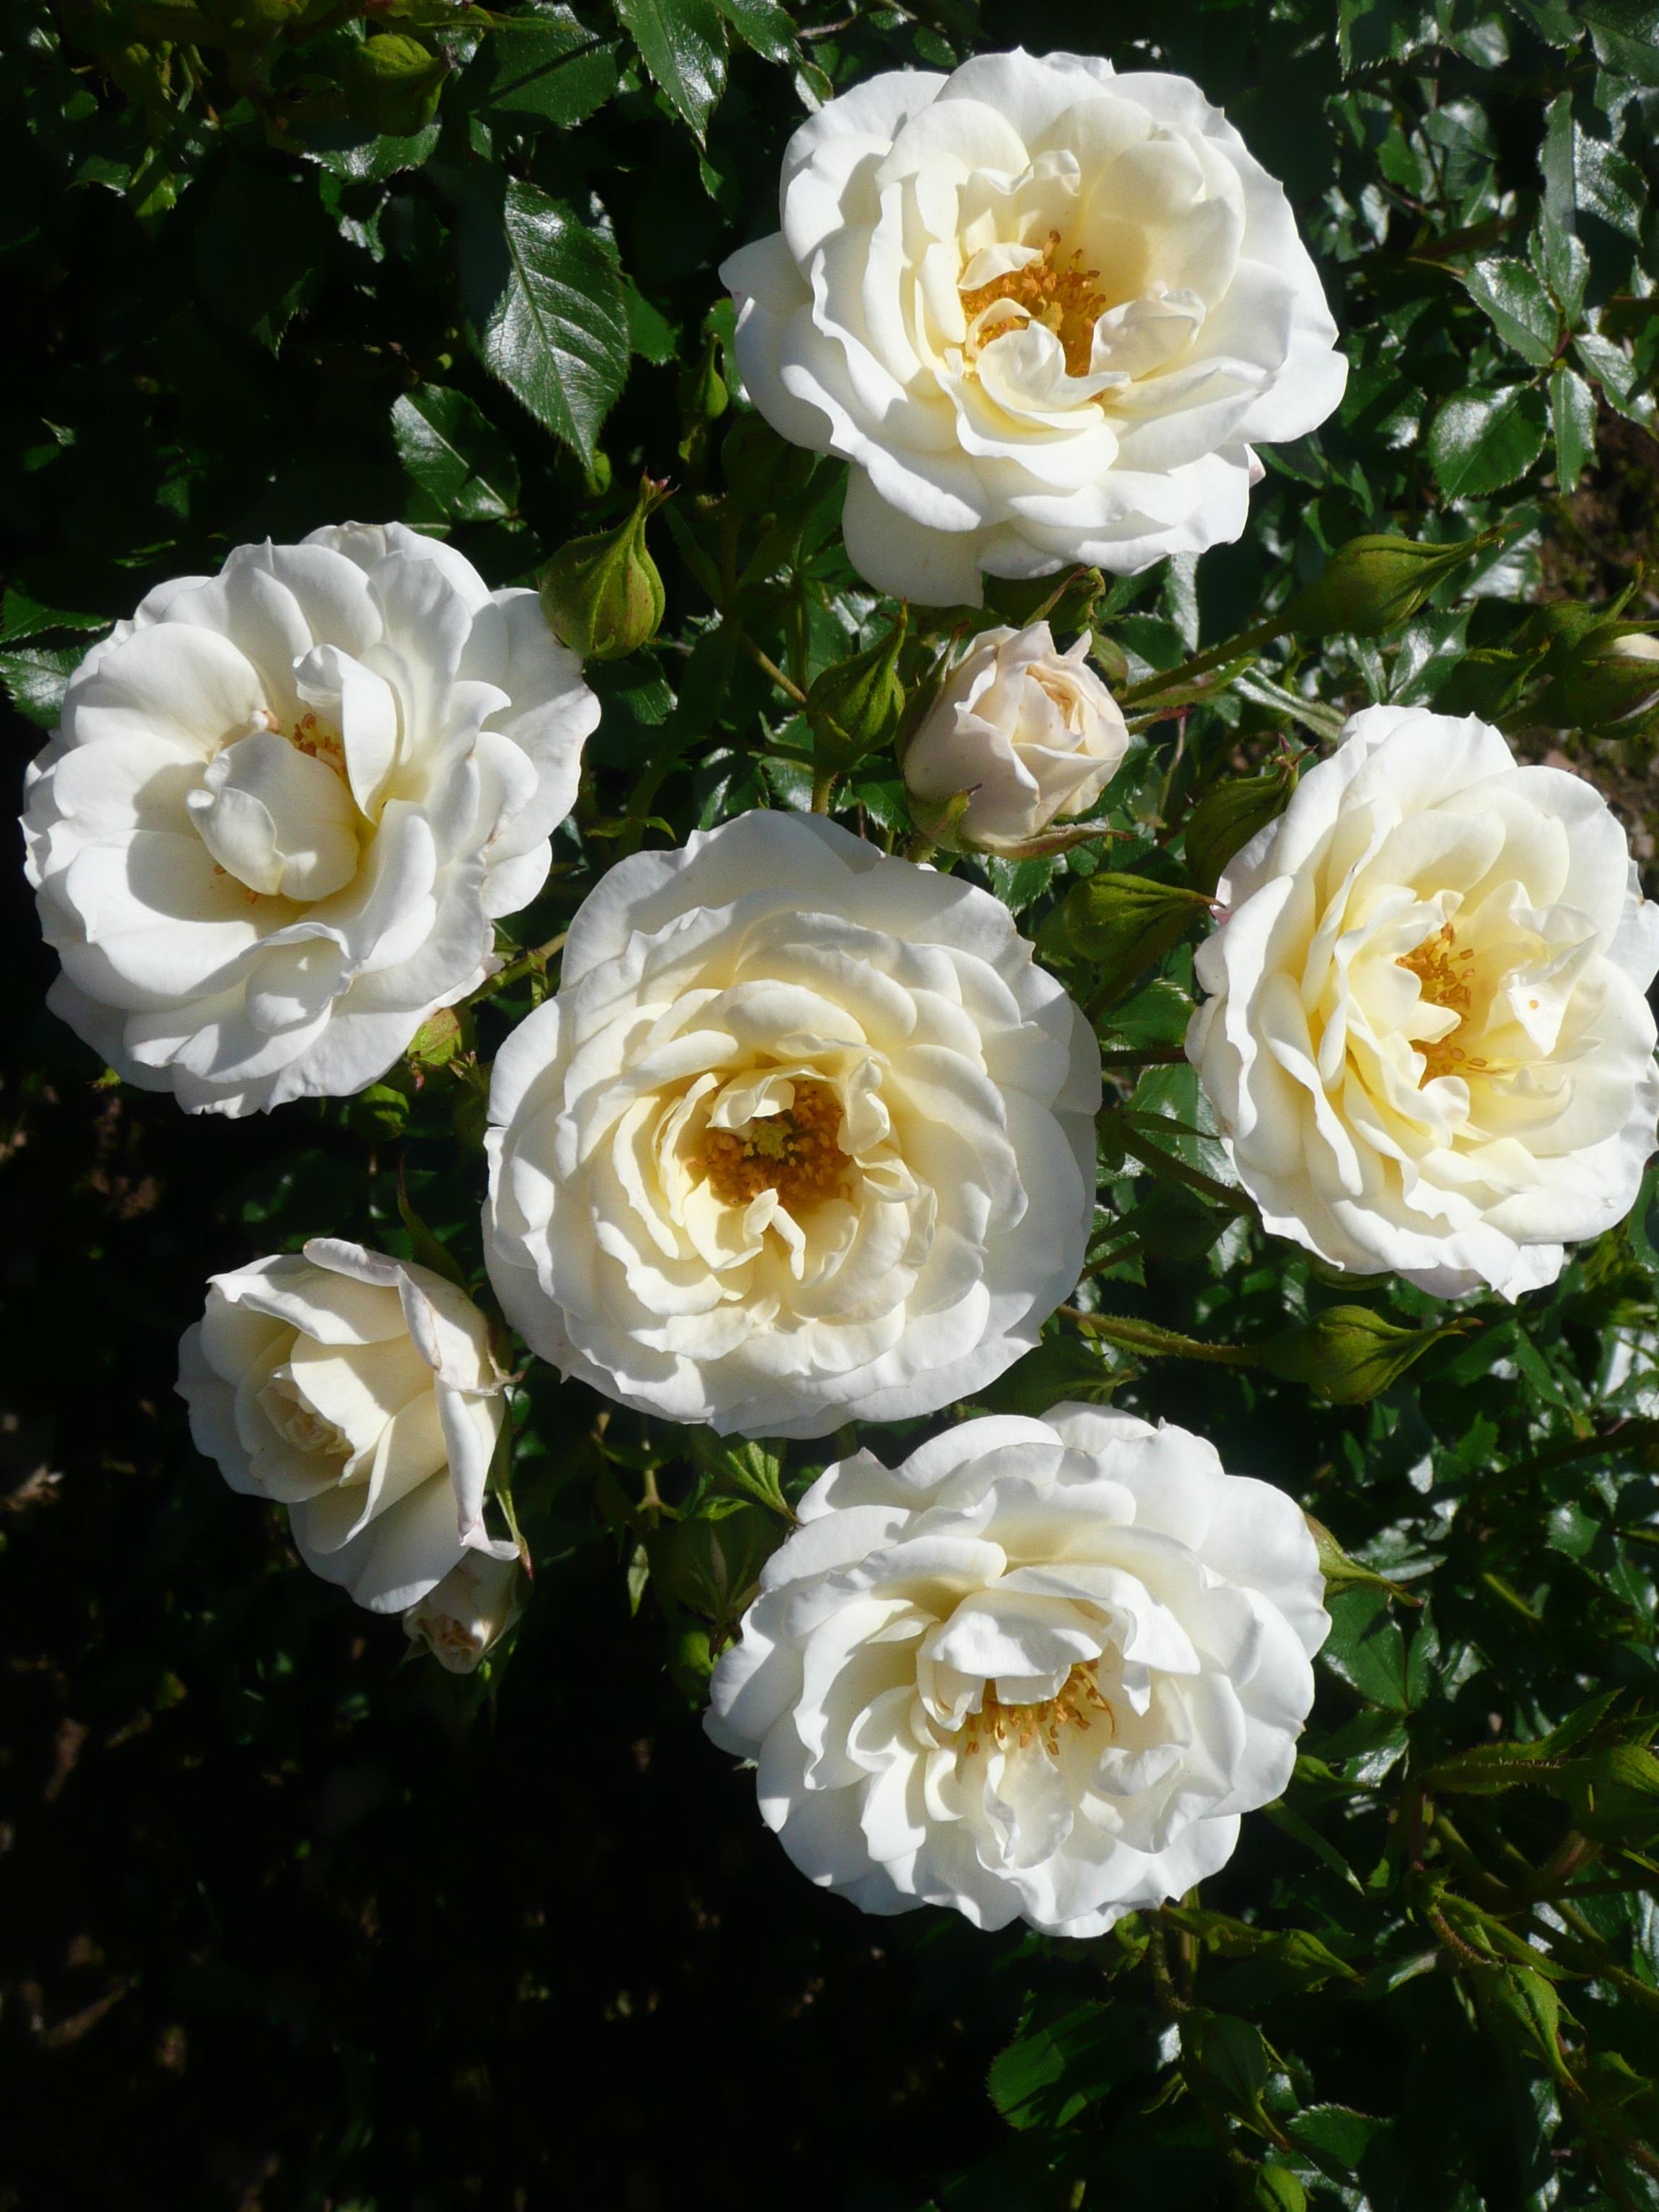 THE SHEIKH KHALIFA ROSE